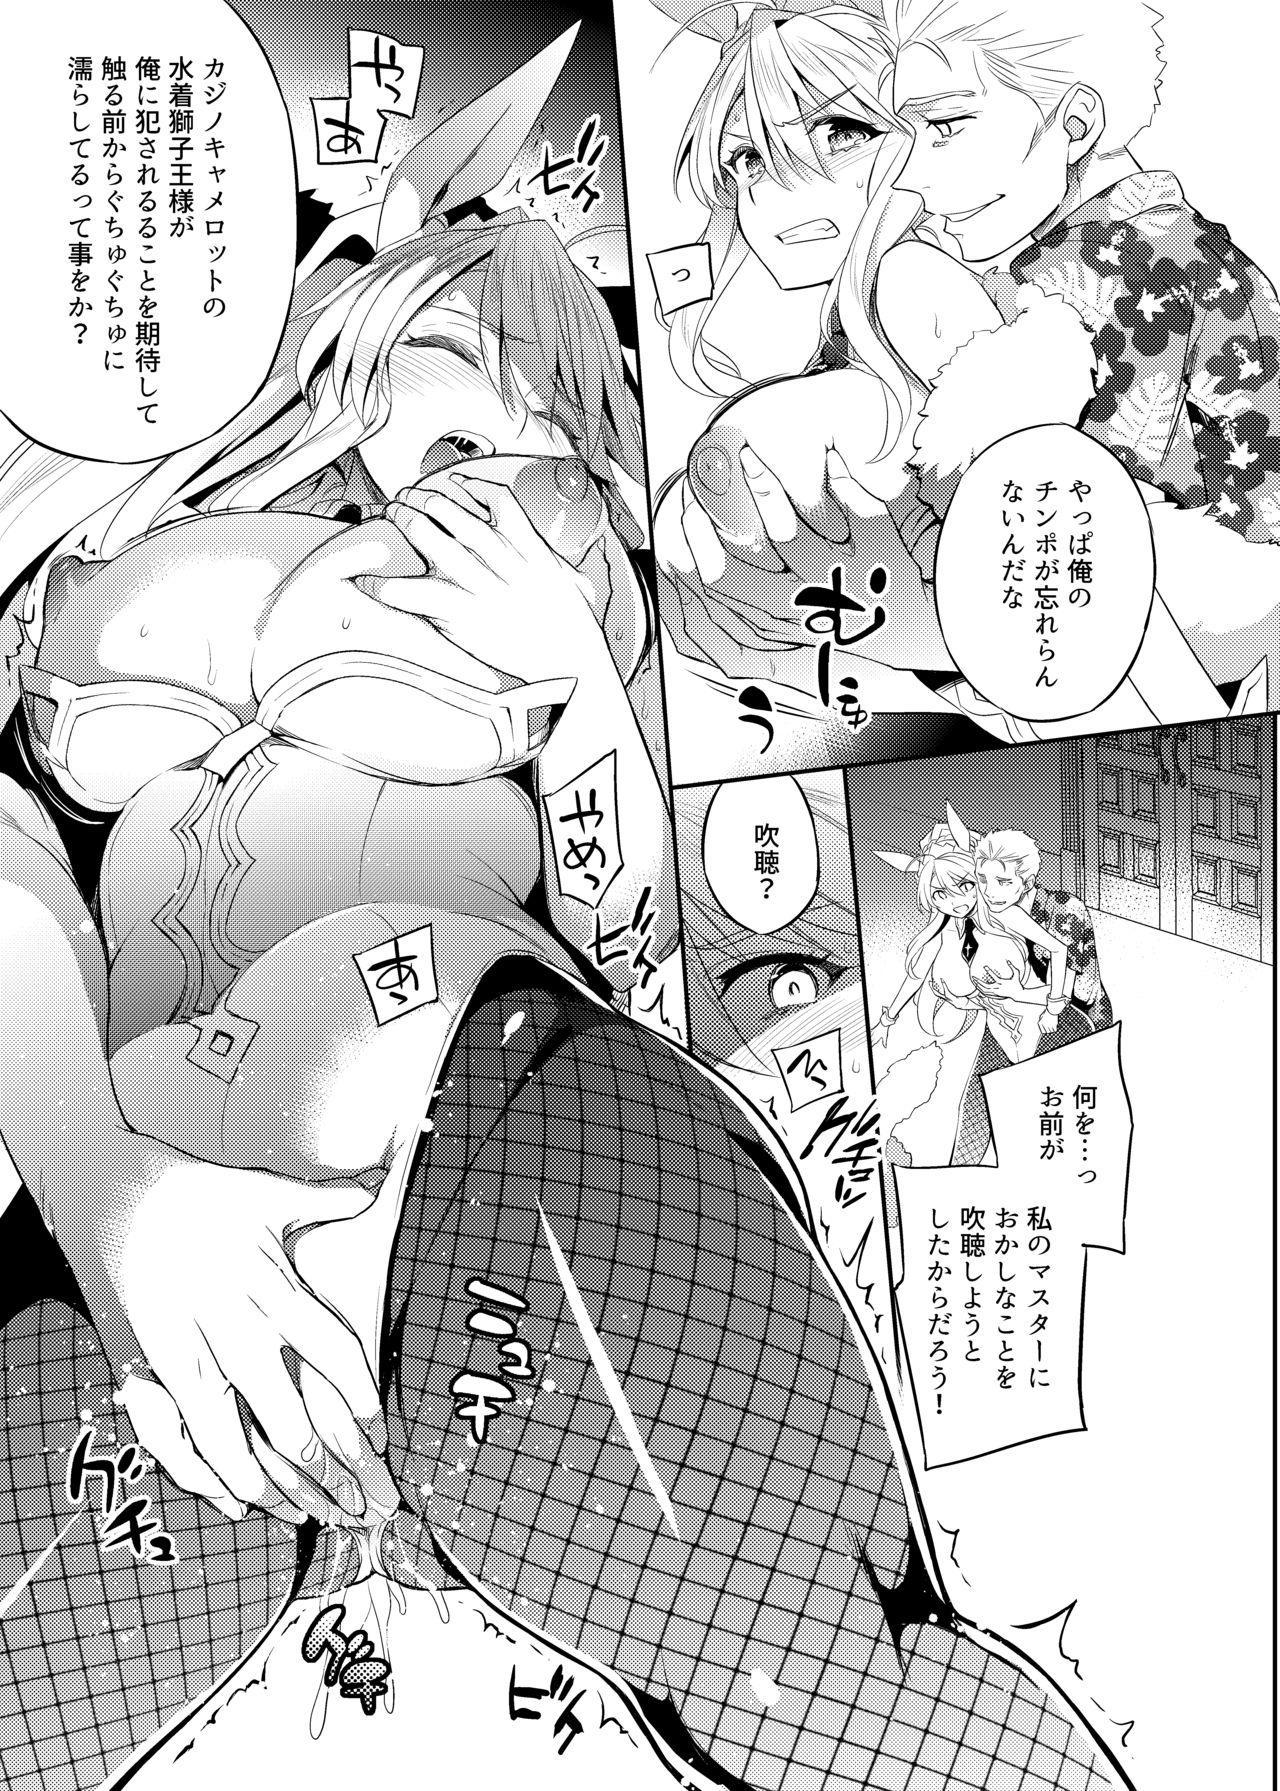 Shinjite Okuridashita Artoria ga NTR reru nante... 3 3